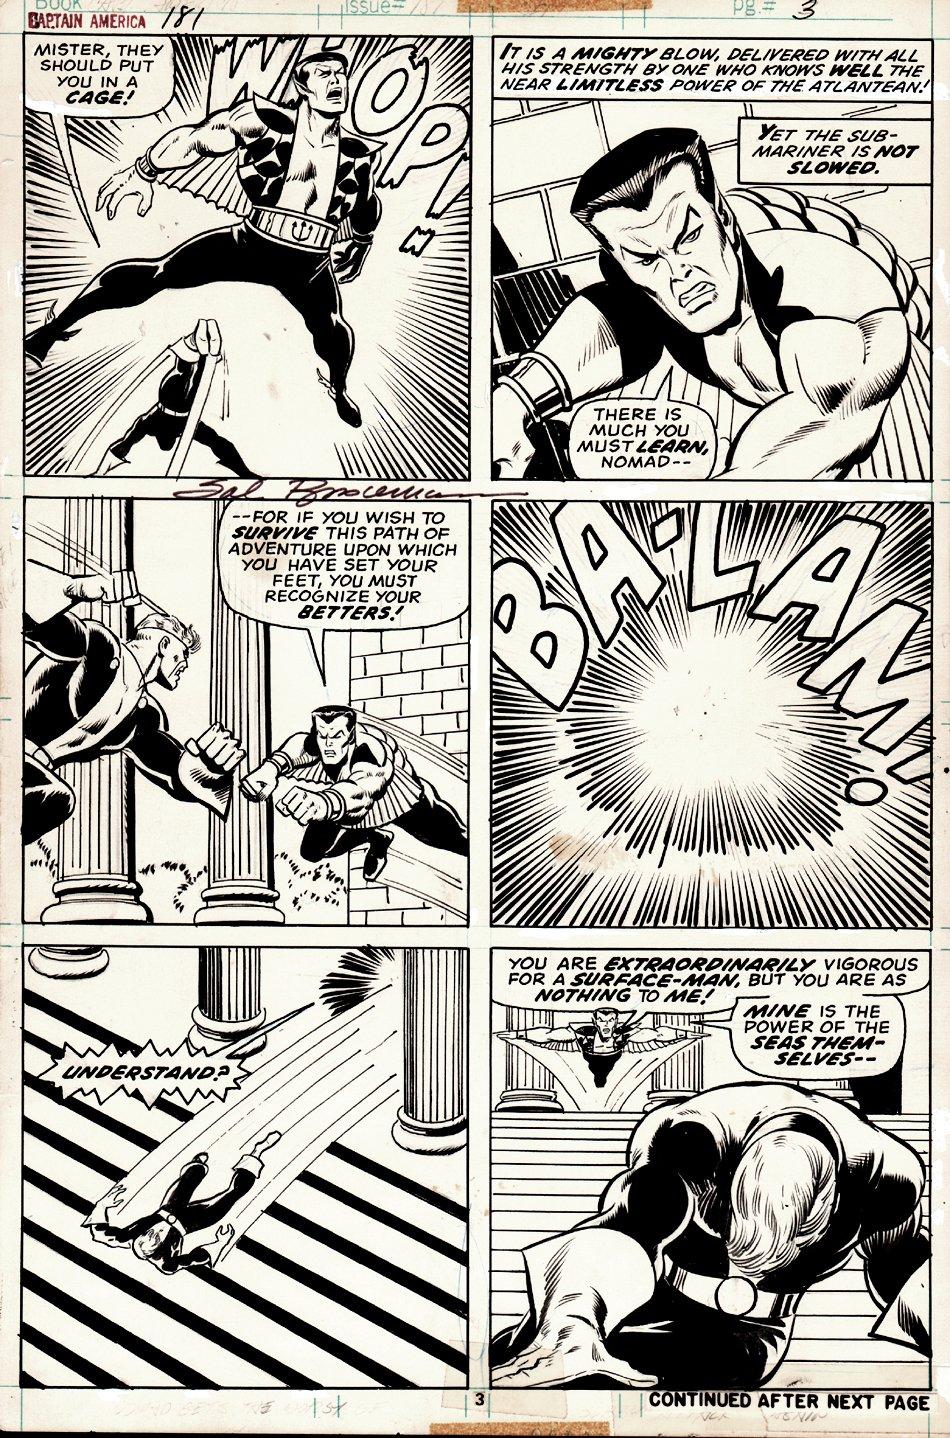 Captain America #181 p 3 (Nomad Battles Sub-Mariner) 1974